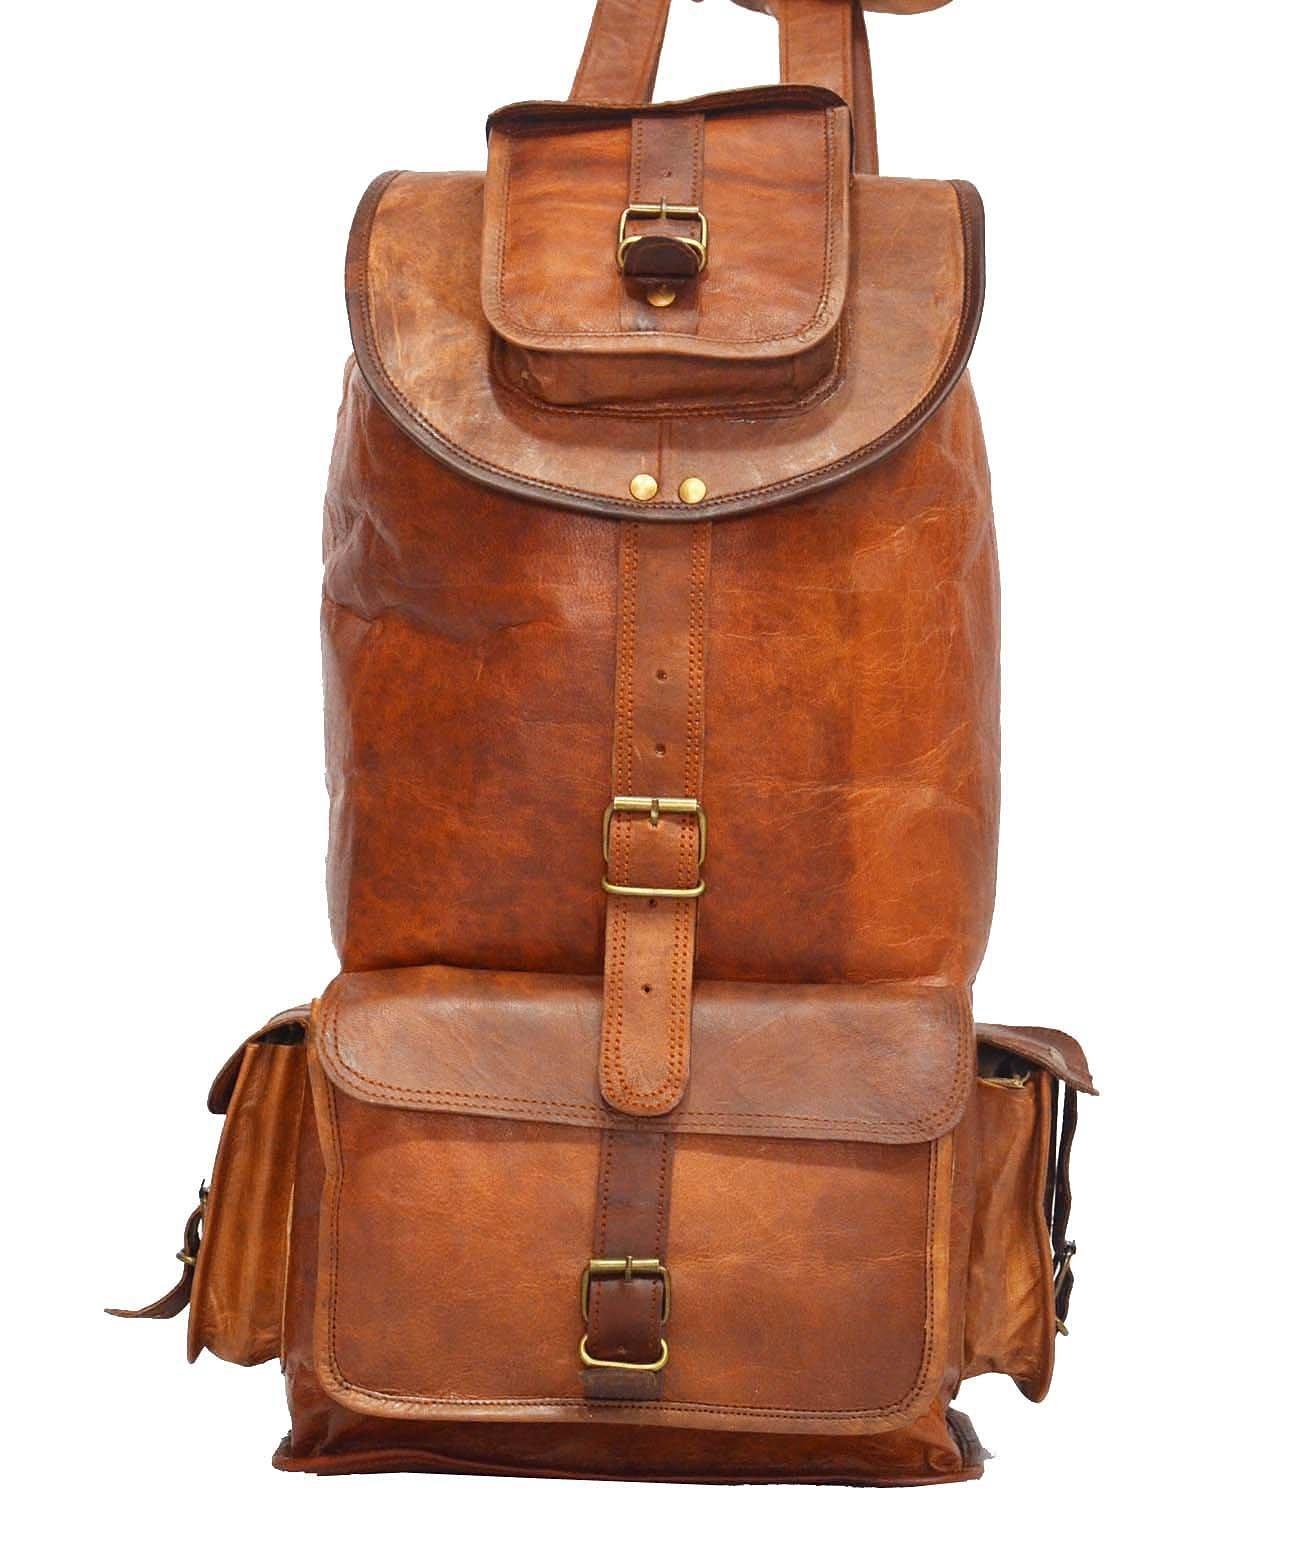 Vintage Genuine Leather Backpack Rucksack Shoulder Travel Sling Satchel Hobo Bag 20''